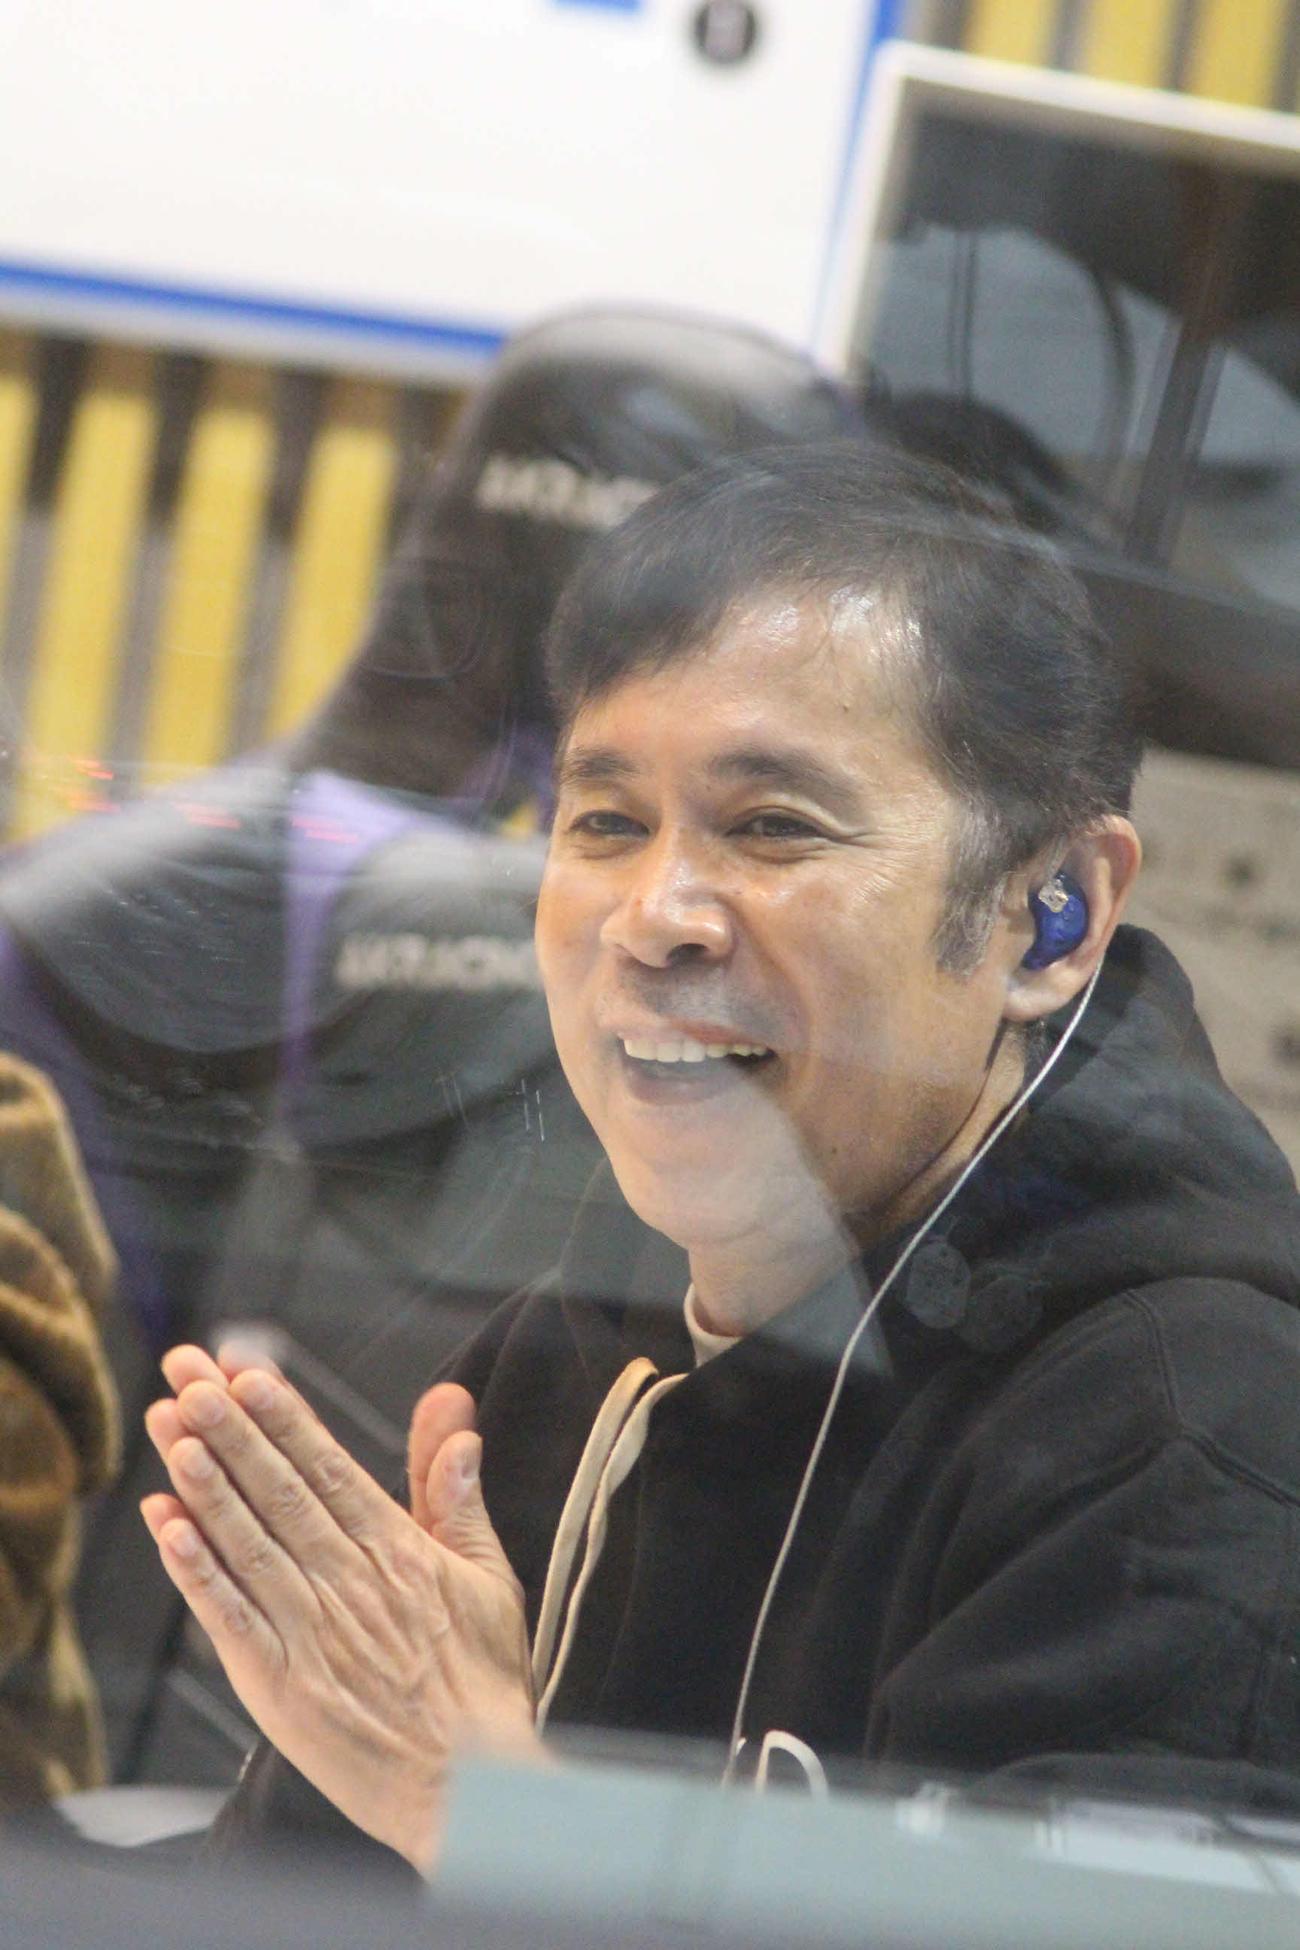 「オールナイトニッポン」でトークを結婚トークを繰り広げる岡村隆史(ニッポン放送提供)